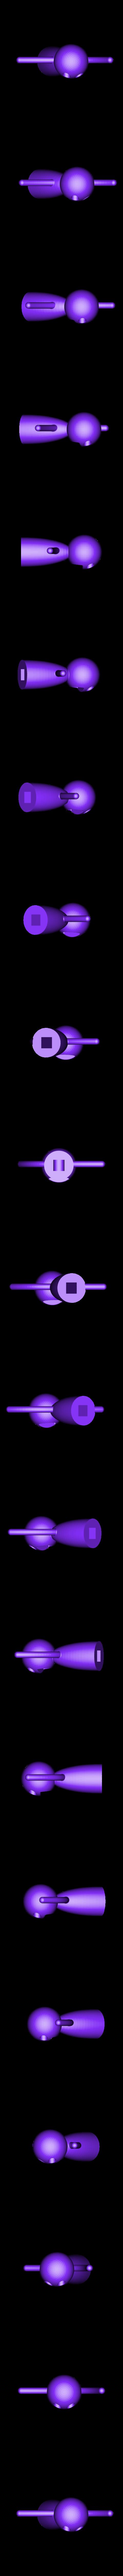 Function_Stickman_yex_top.stl Télécharger fichier STL gratuit Dancing Function Stickmen • Plan pour impression 3D, Chrisibub